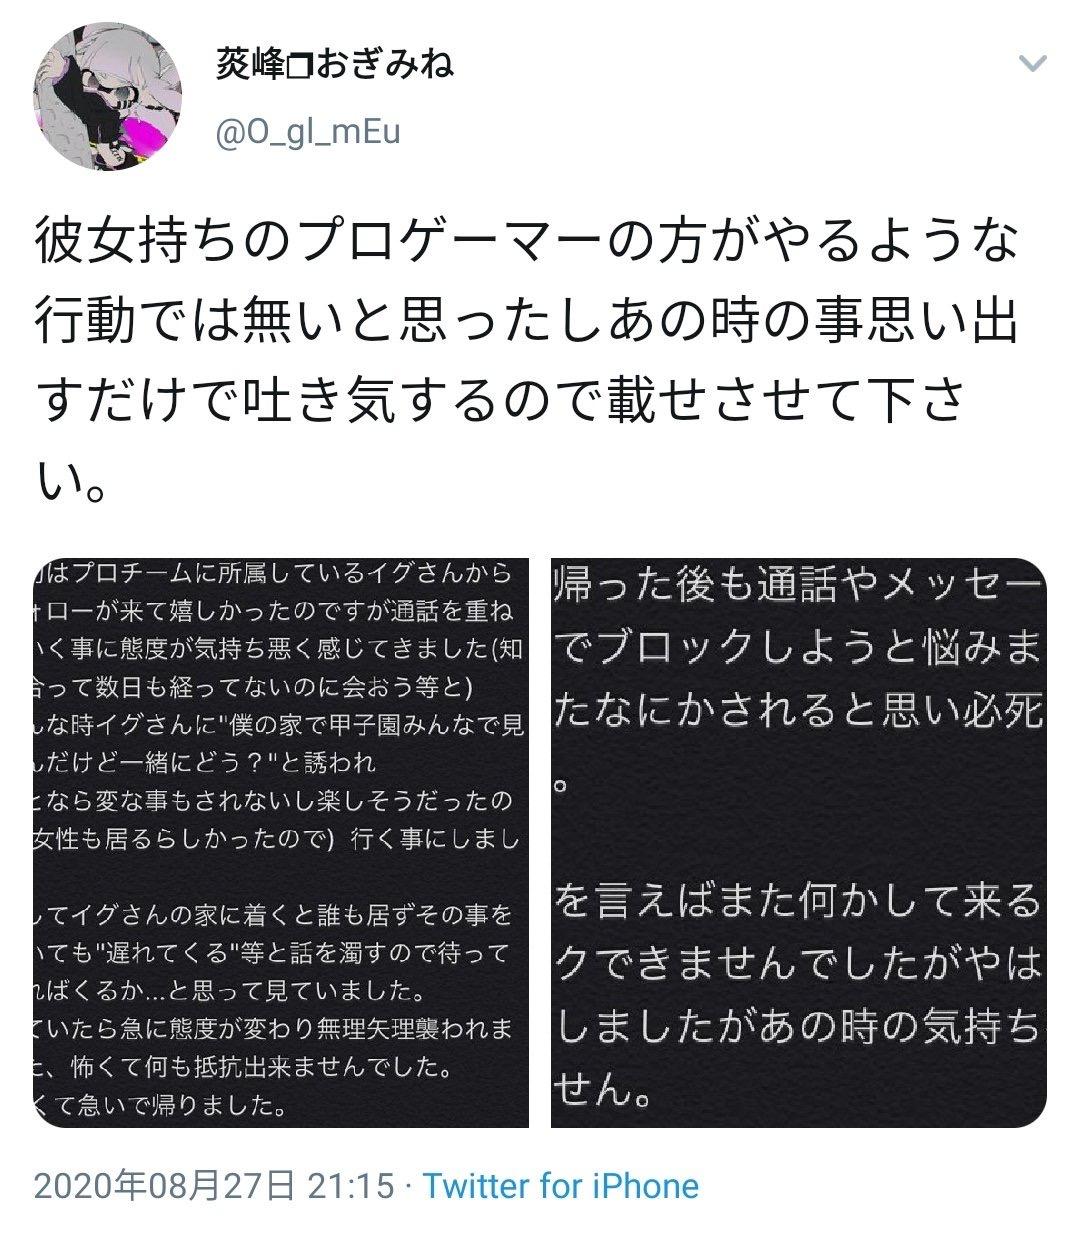 逮捕 あいぽん 25歳中卒ニート系youtuber あいぽんの毎日が脱税!?しかも国税、酒税、相続税が読めない!